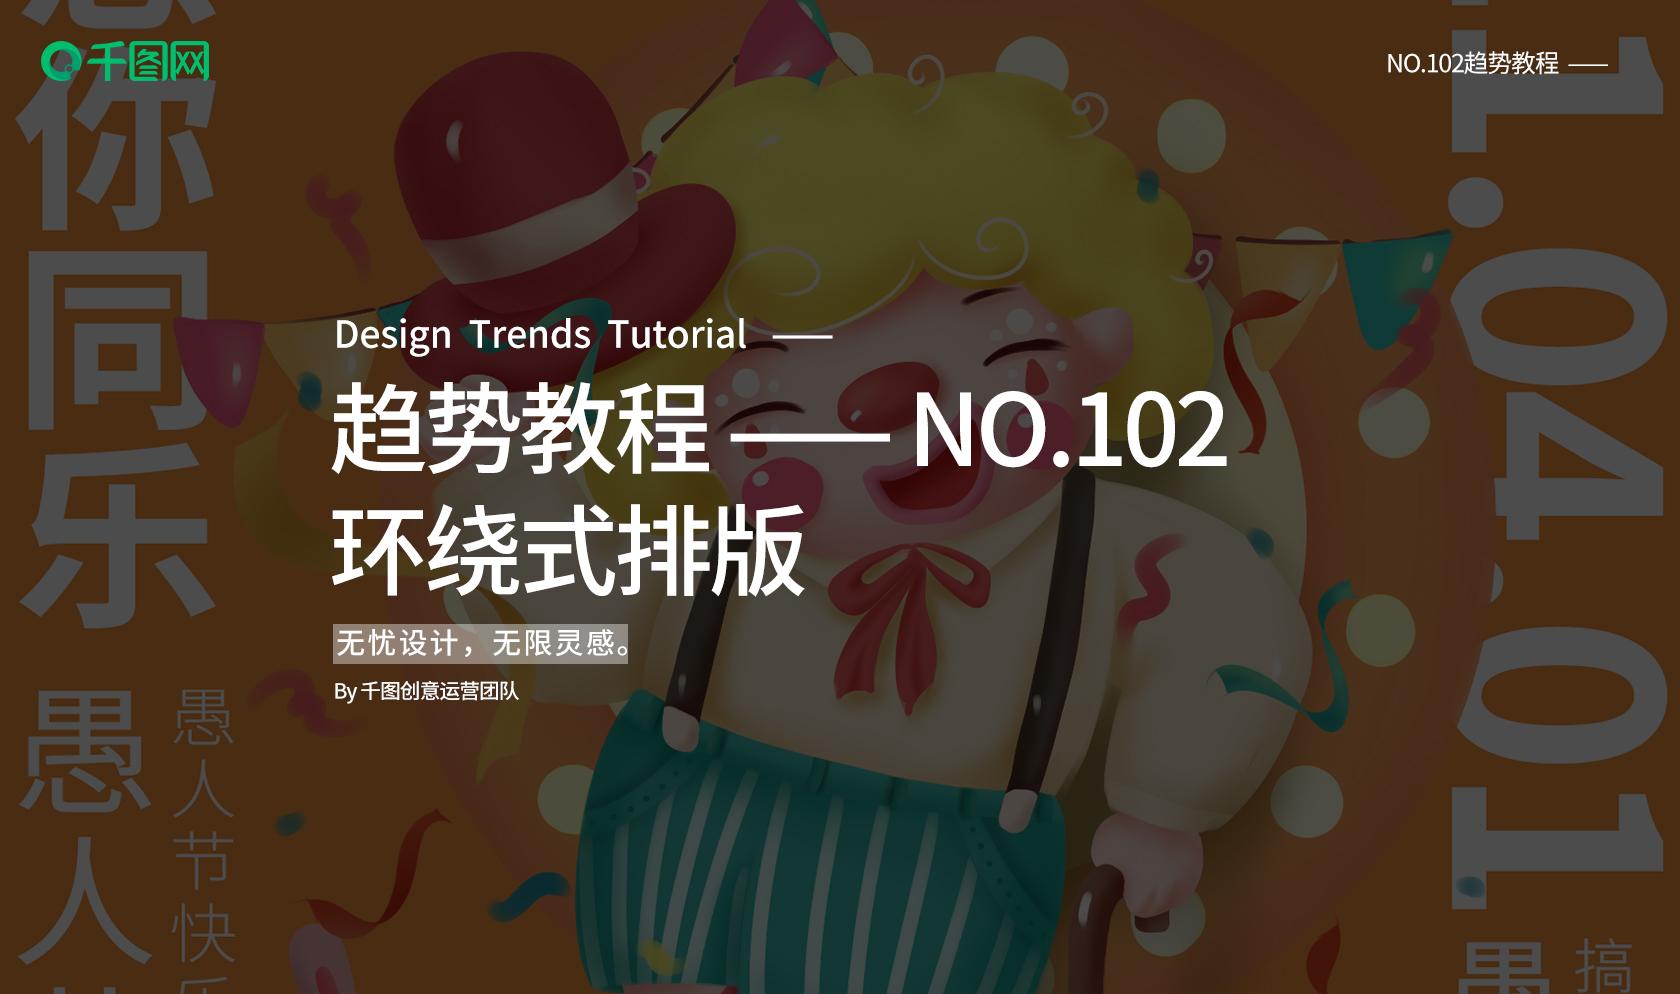 102趋势教程_01